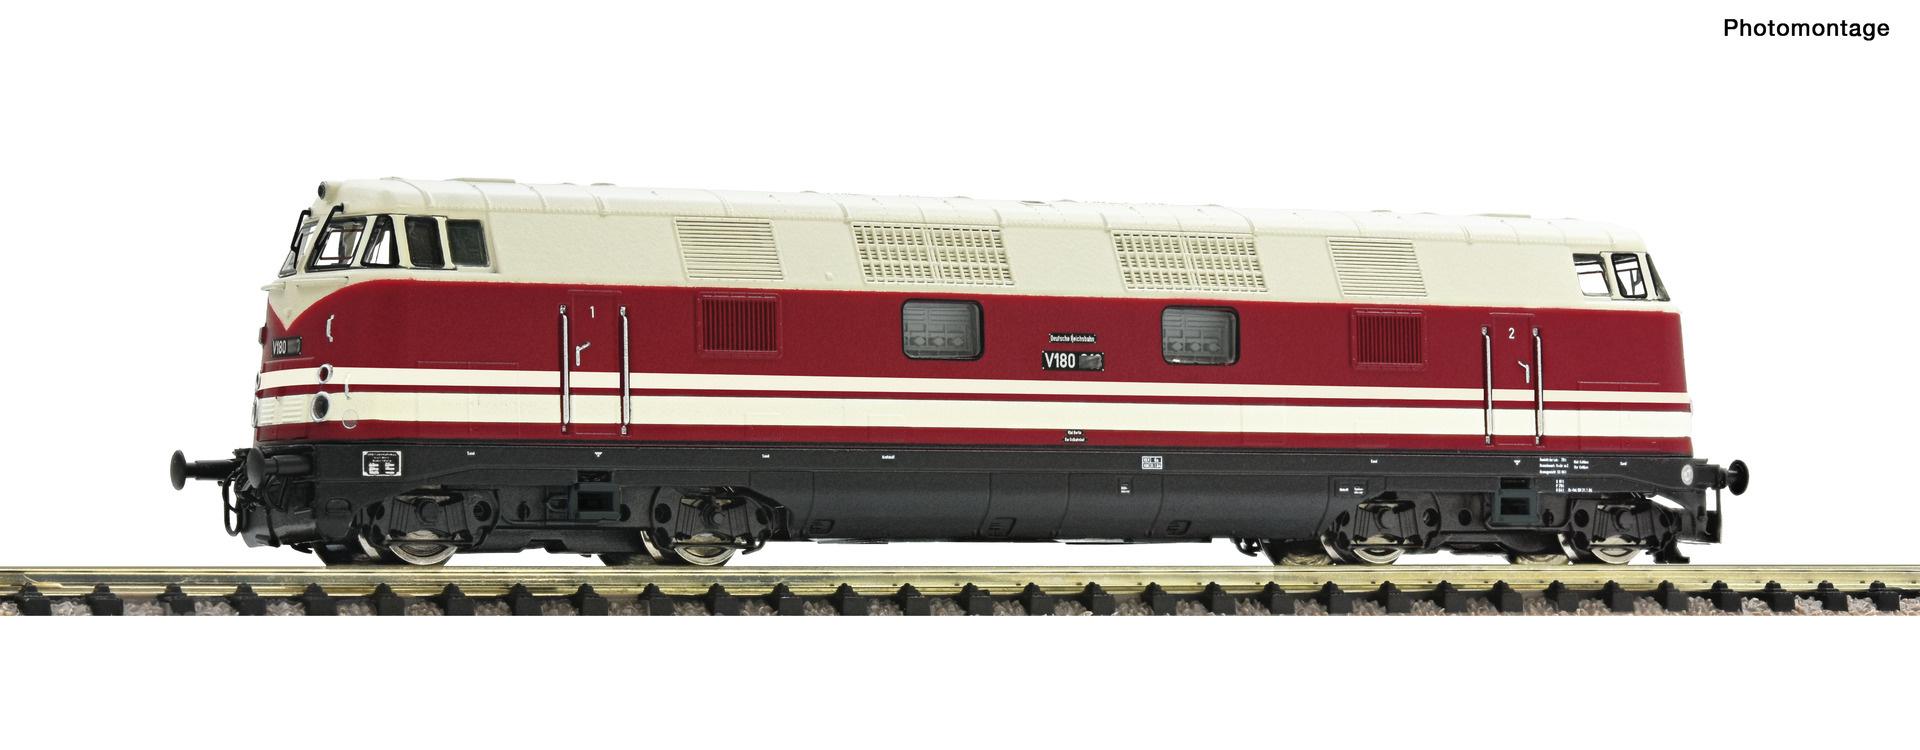 721403 Diesellok V180 DR-1